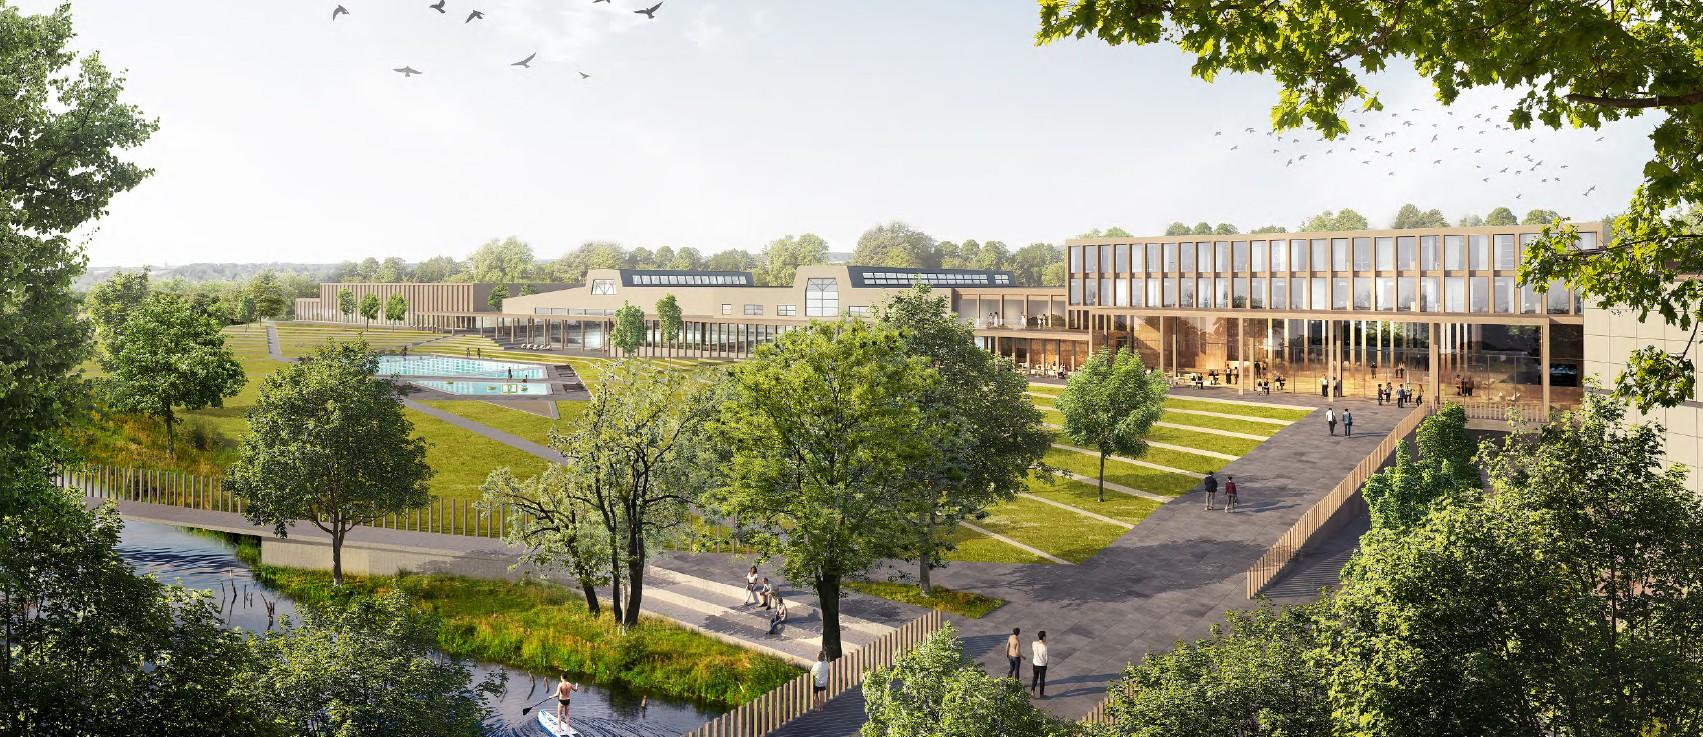 Vinnande arkitekt är White Arkitekter med förslaget Norra Stadsparken.